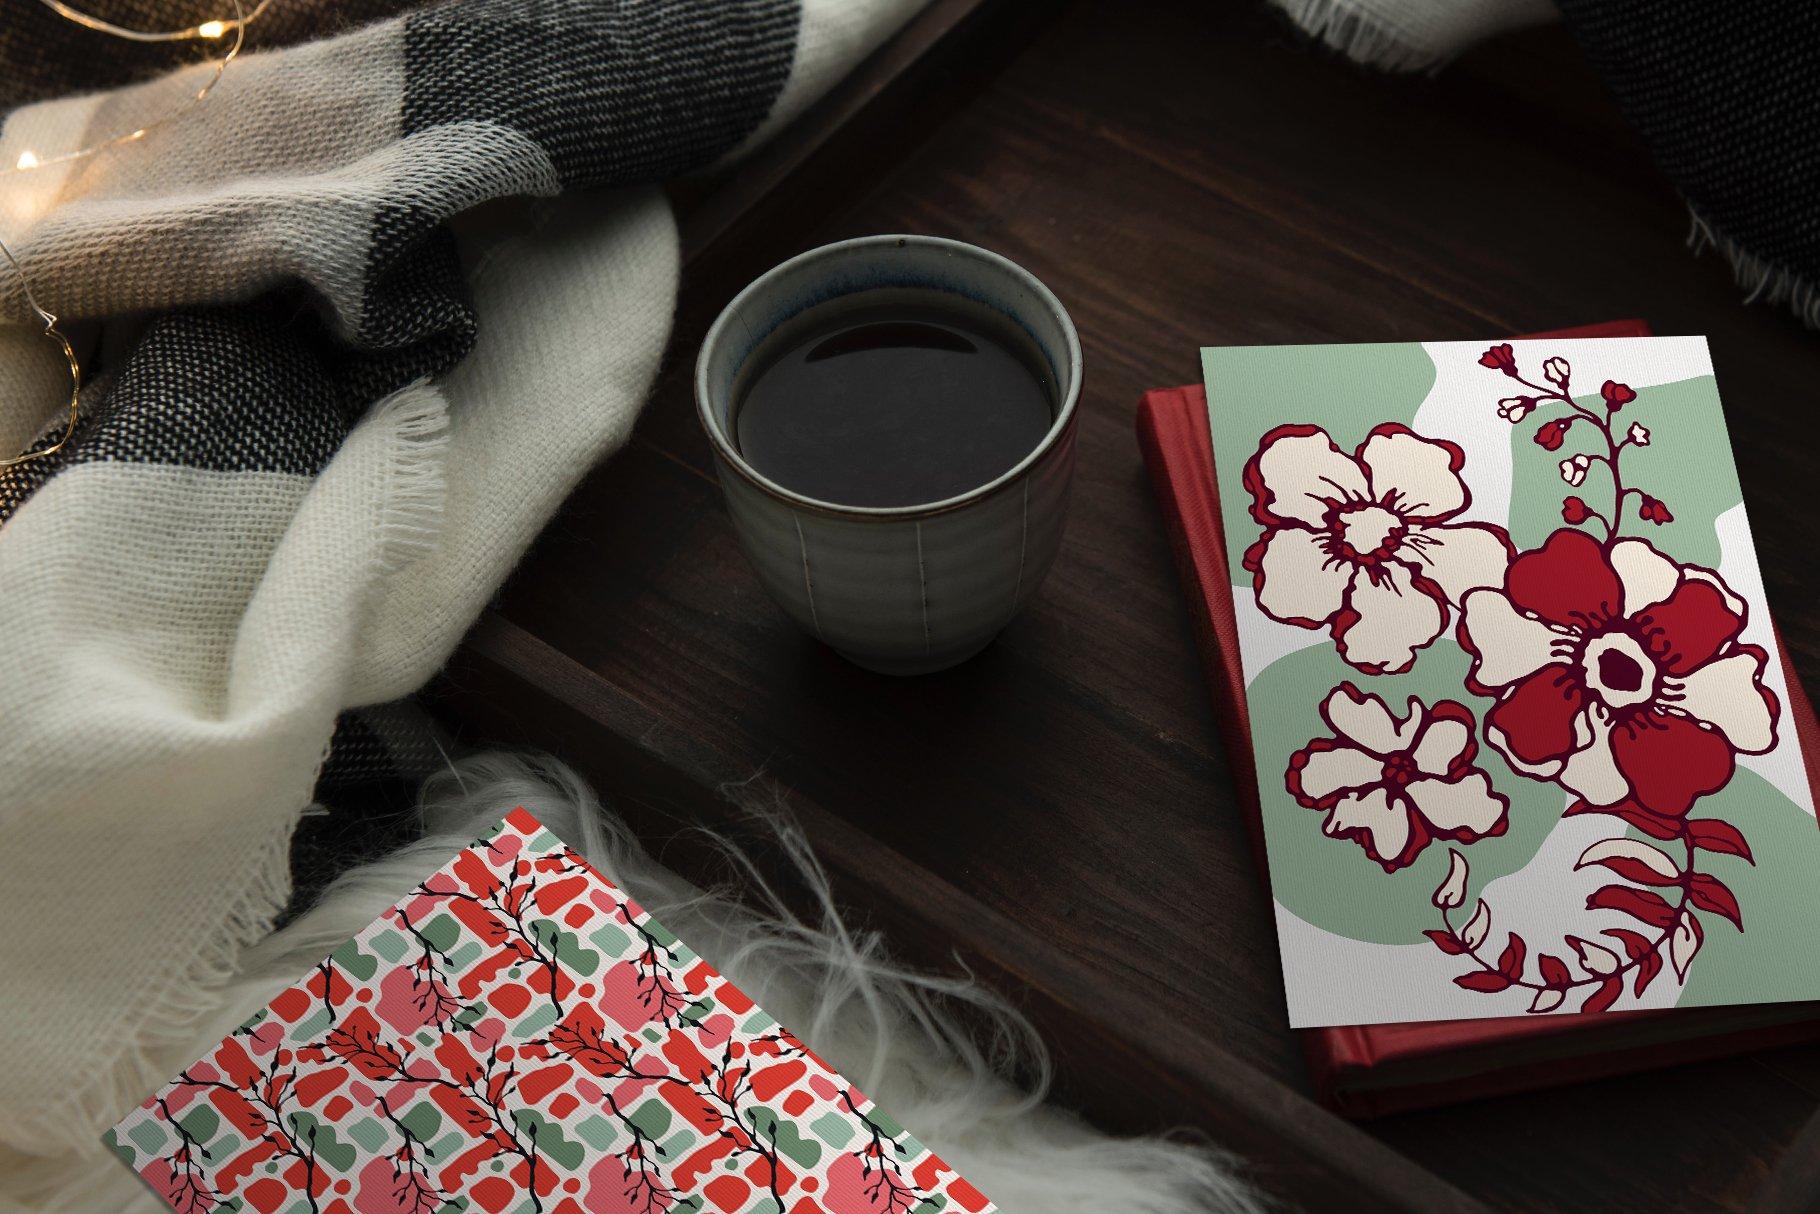 150多款时尚优雅花卉框架抽象形状手绘插画设计素材 Winter Floral Patterns & Elements插图24